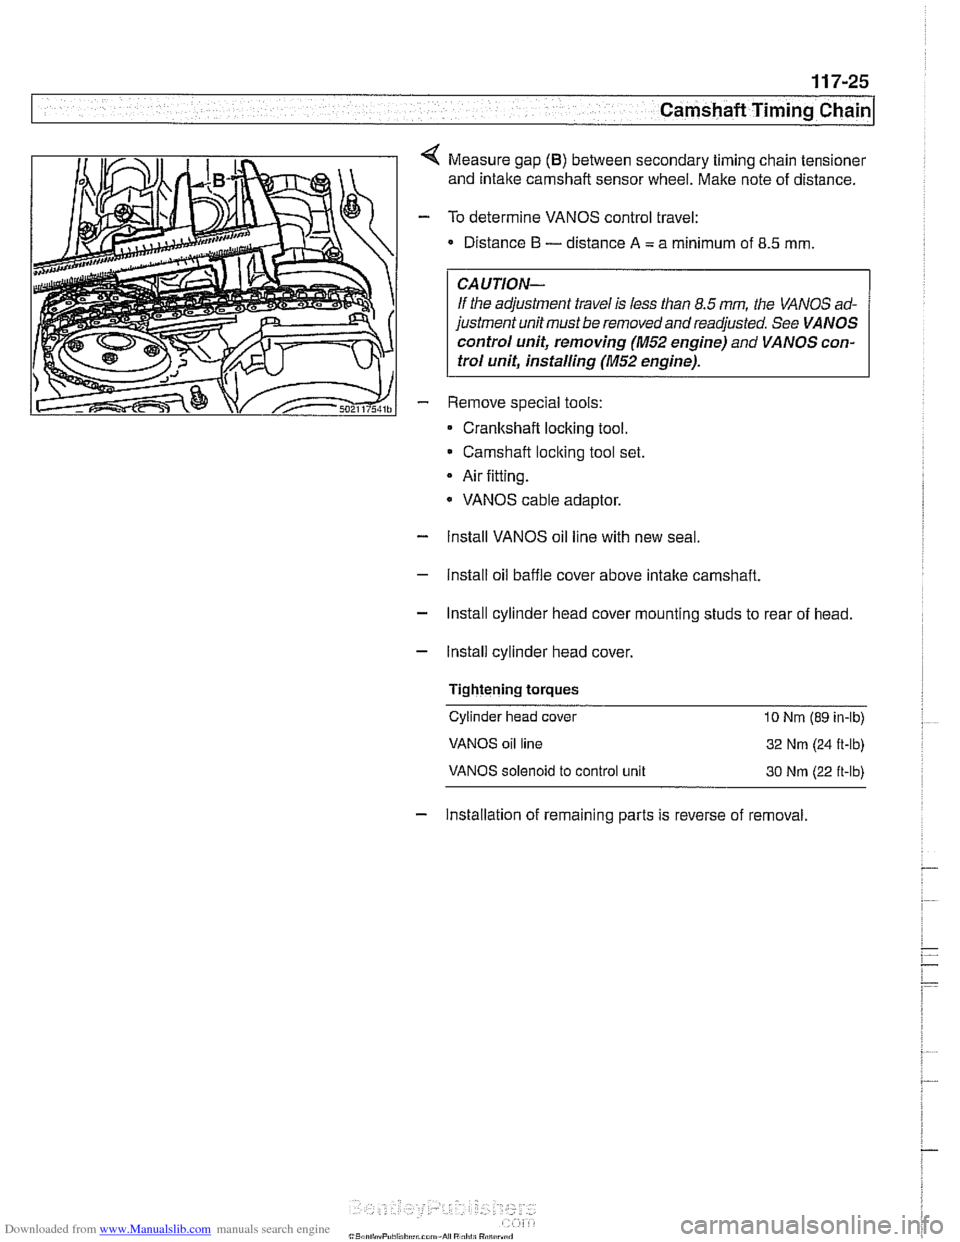 Bmw 540i 1999 E39 Workshop Manual 328i Timing Belt